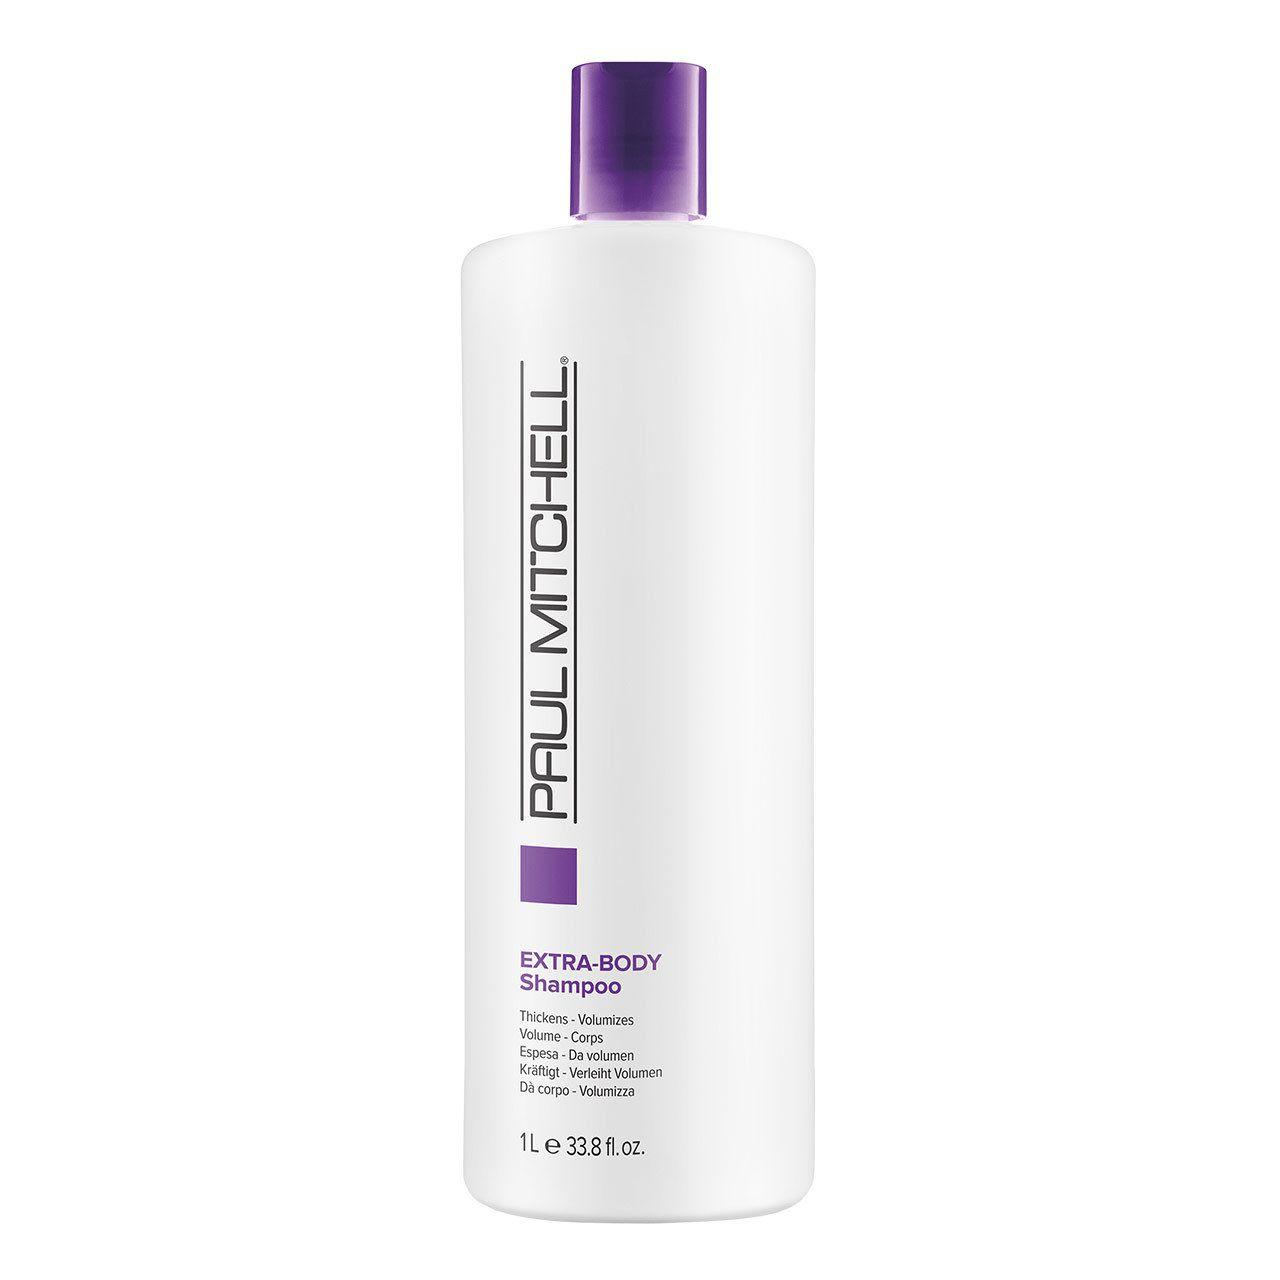 Paul Mitchell Extra-body Daily Shampoo - 1000ml